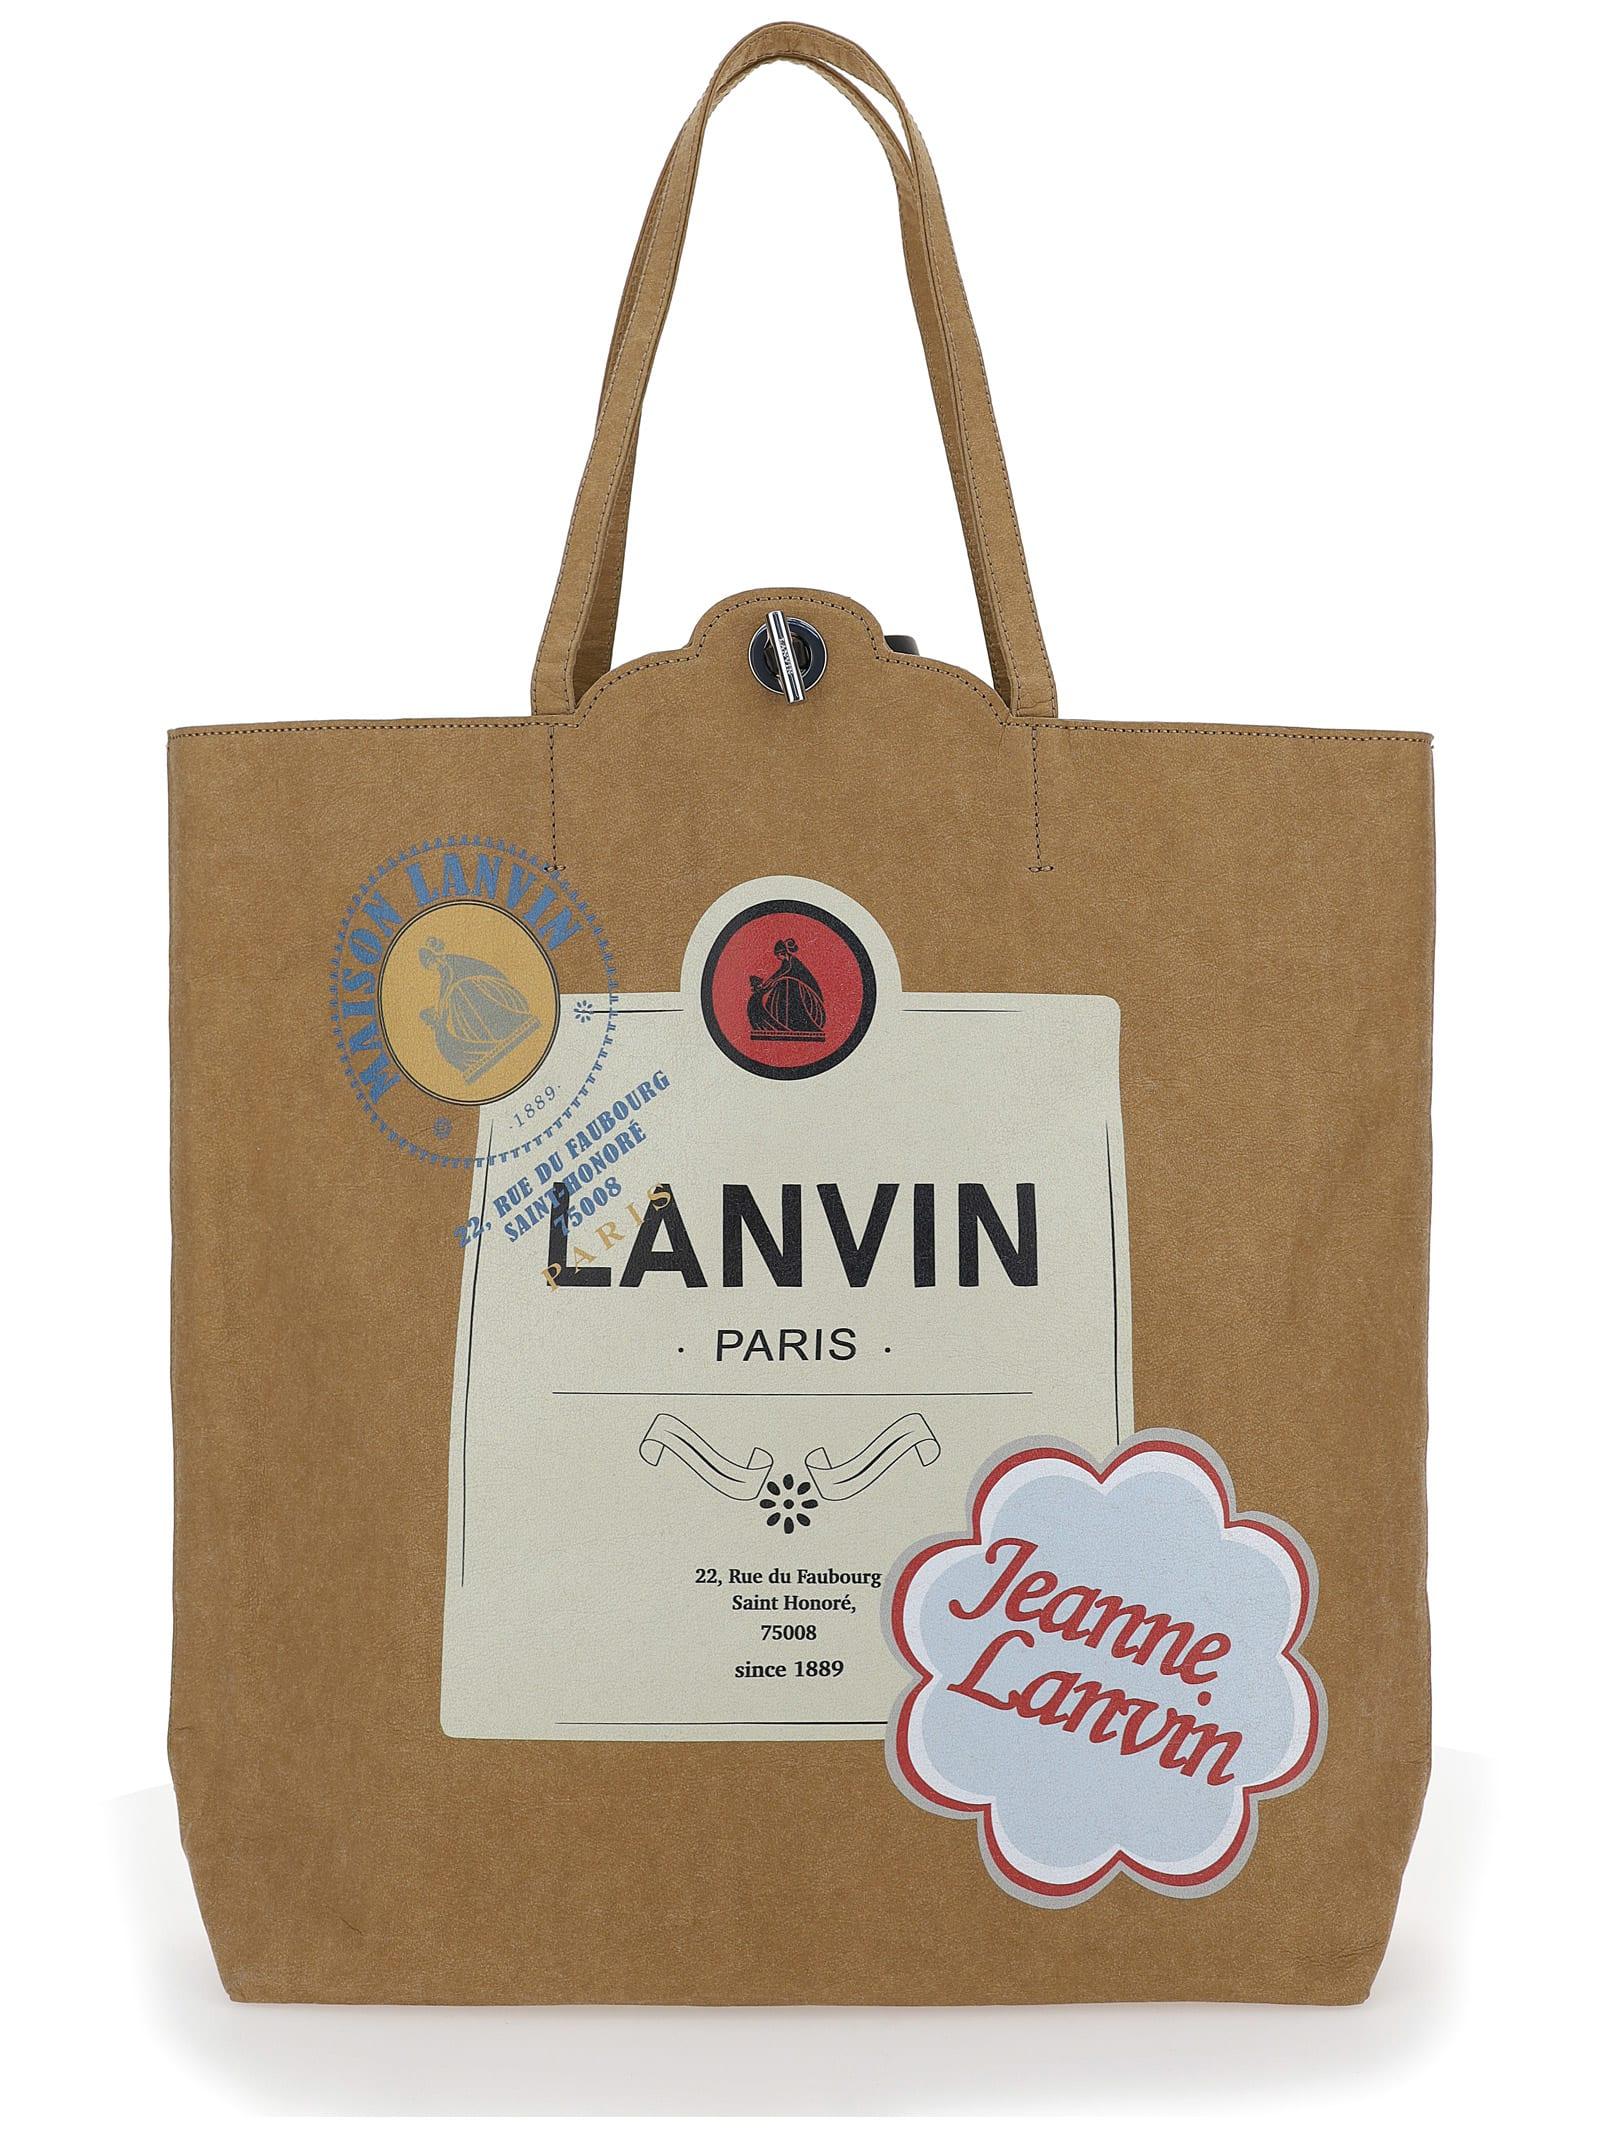 Lanvin Totes TOTE BAG